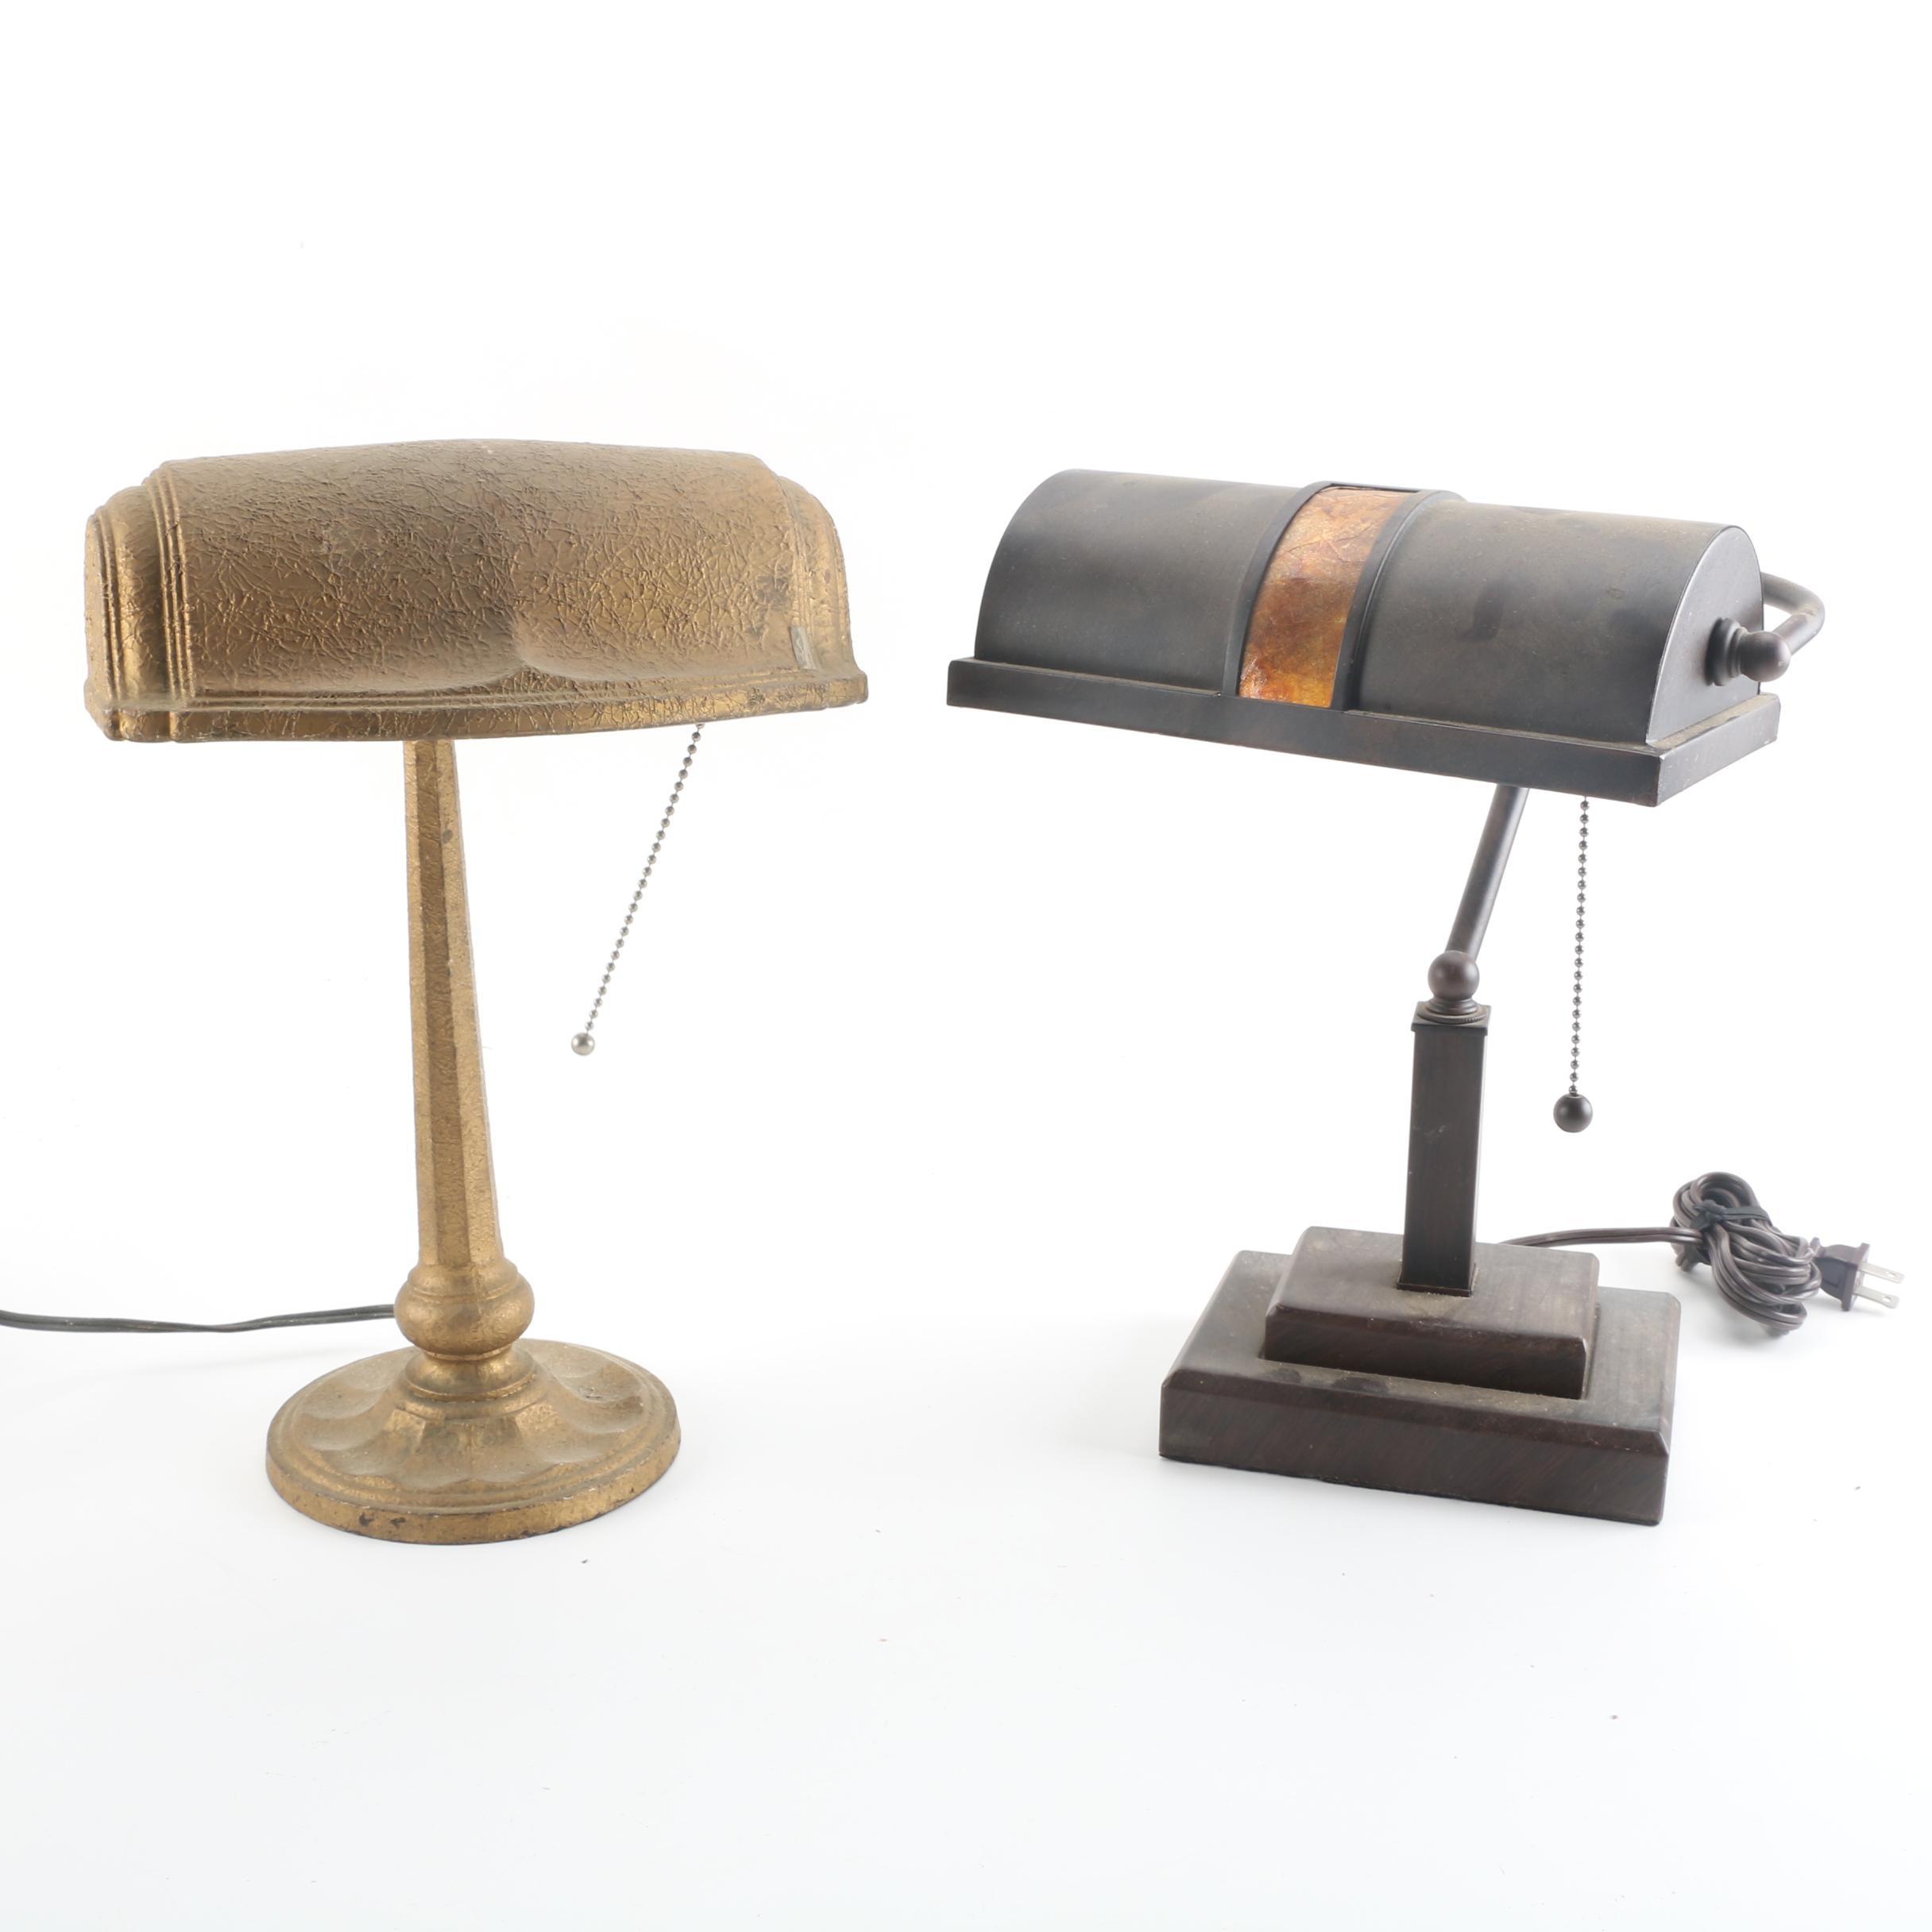 Pair of Vintage Metal Desk Lamps